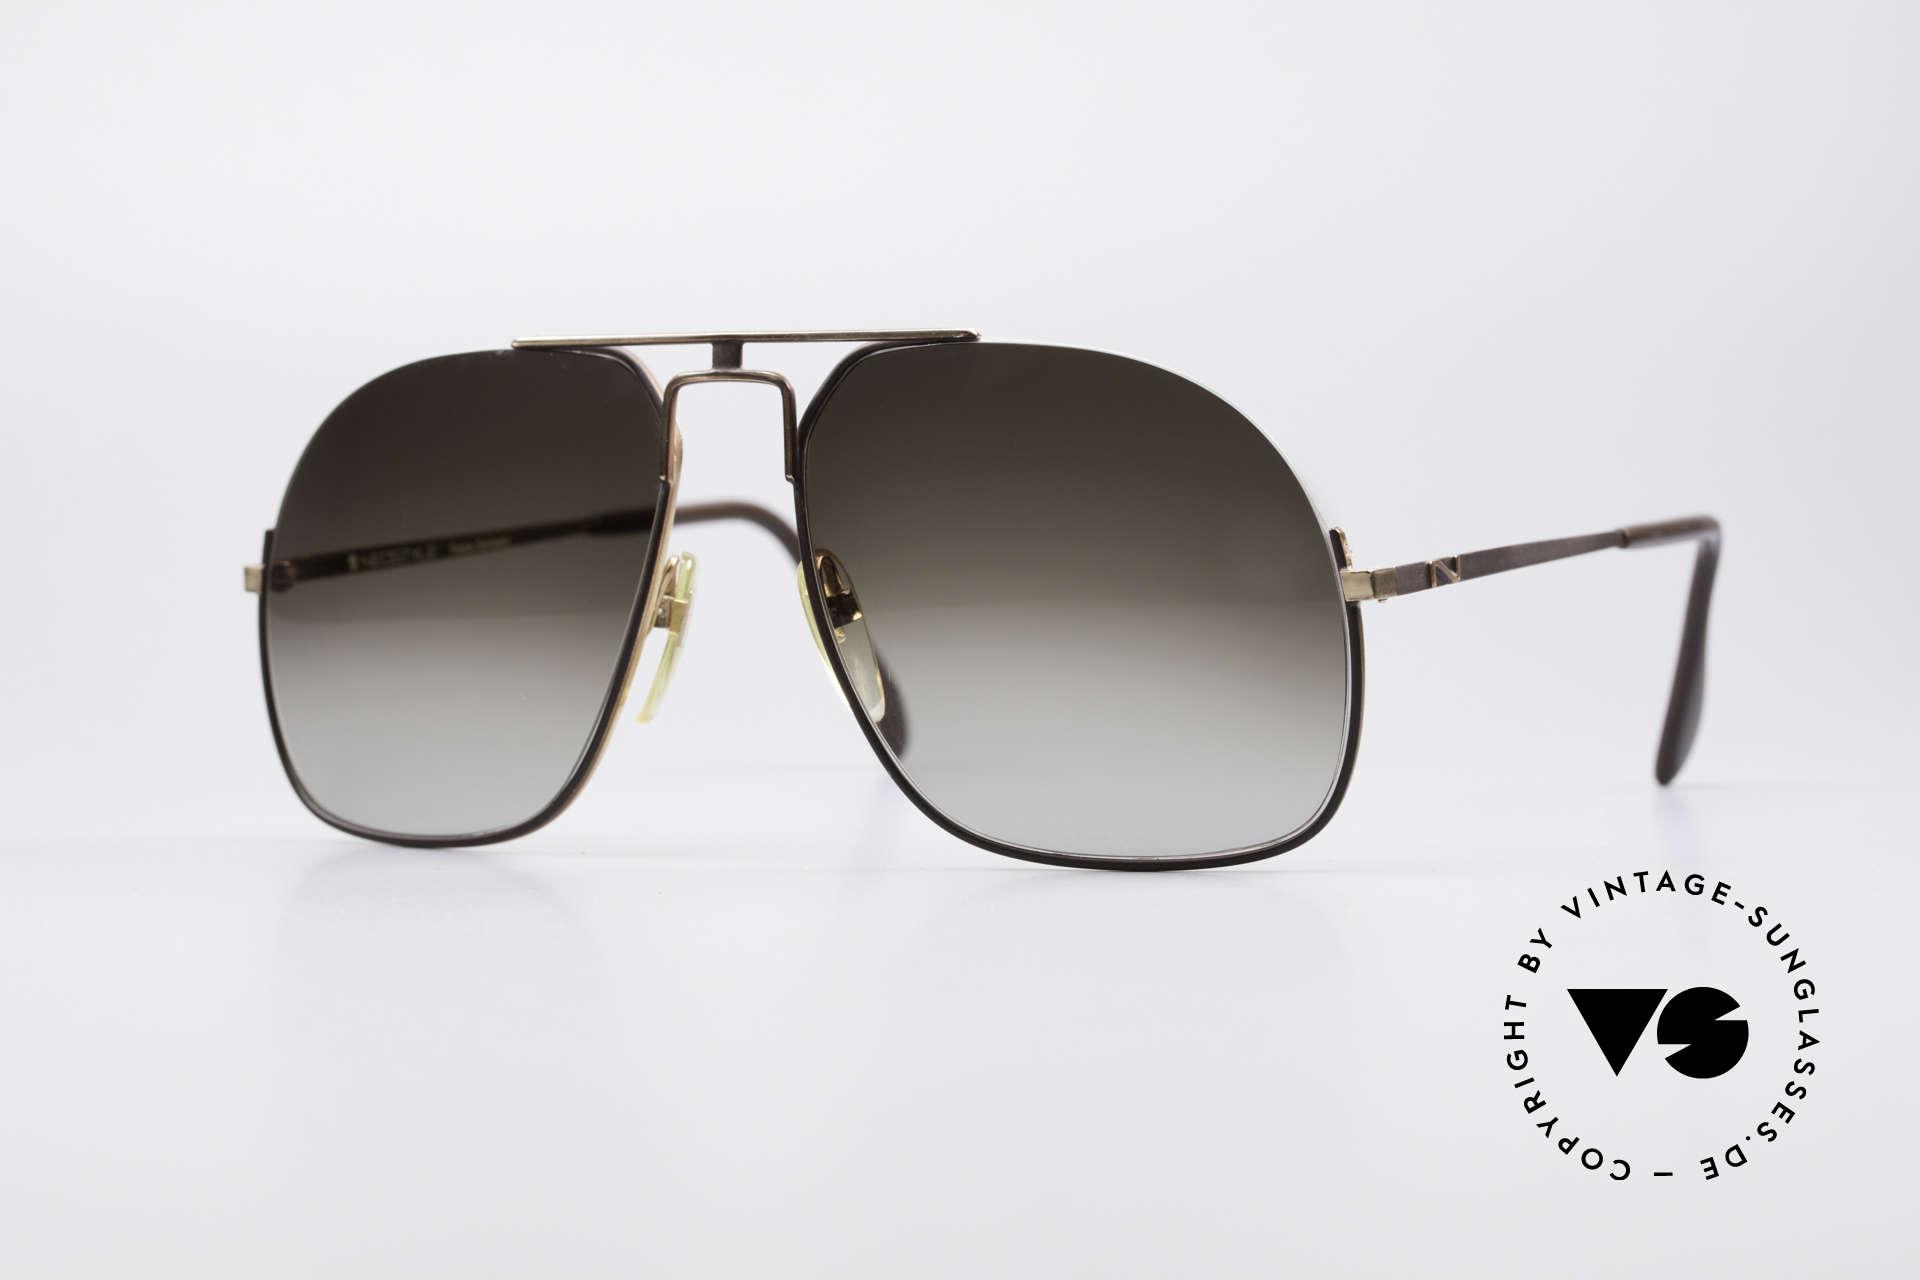 Neostyle Jet 16 Außergewöhnliche 80er Brille, vintage 80er Herrensonnenbrille von Neostyle, Passend für Herren